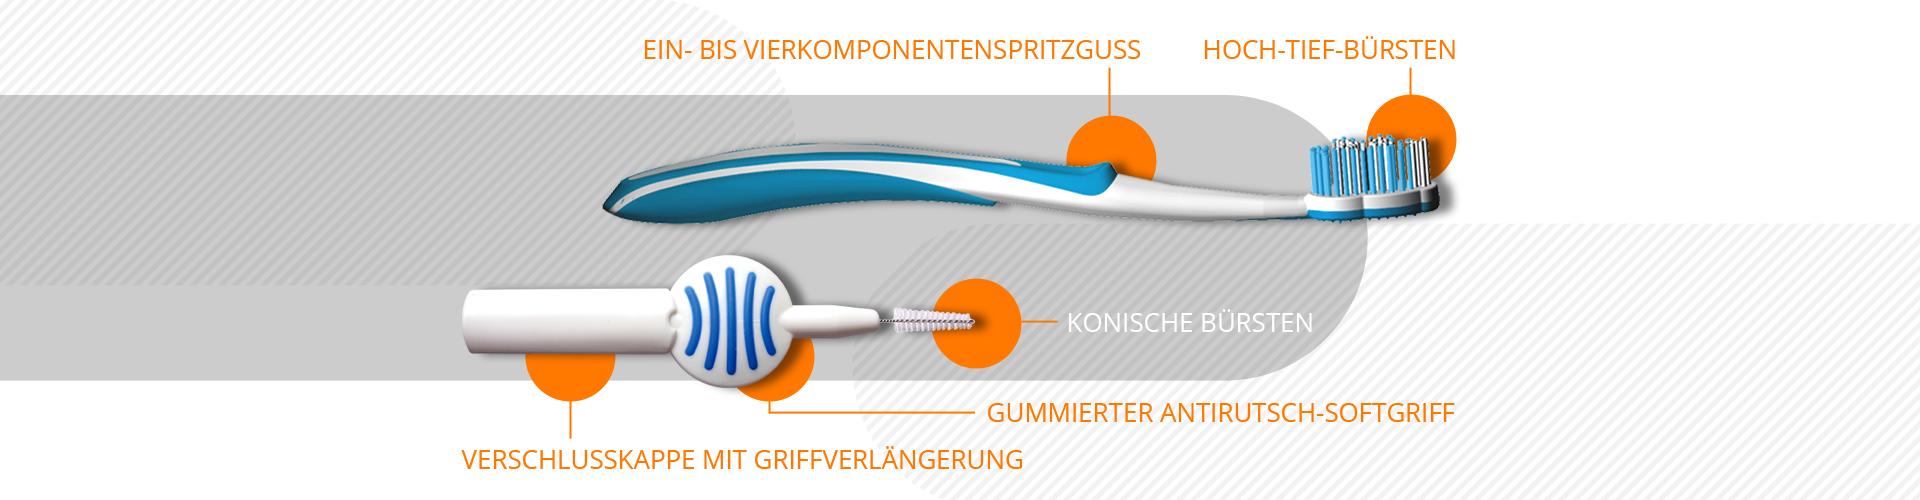 Bürstenmann GmbH: Technologie